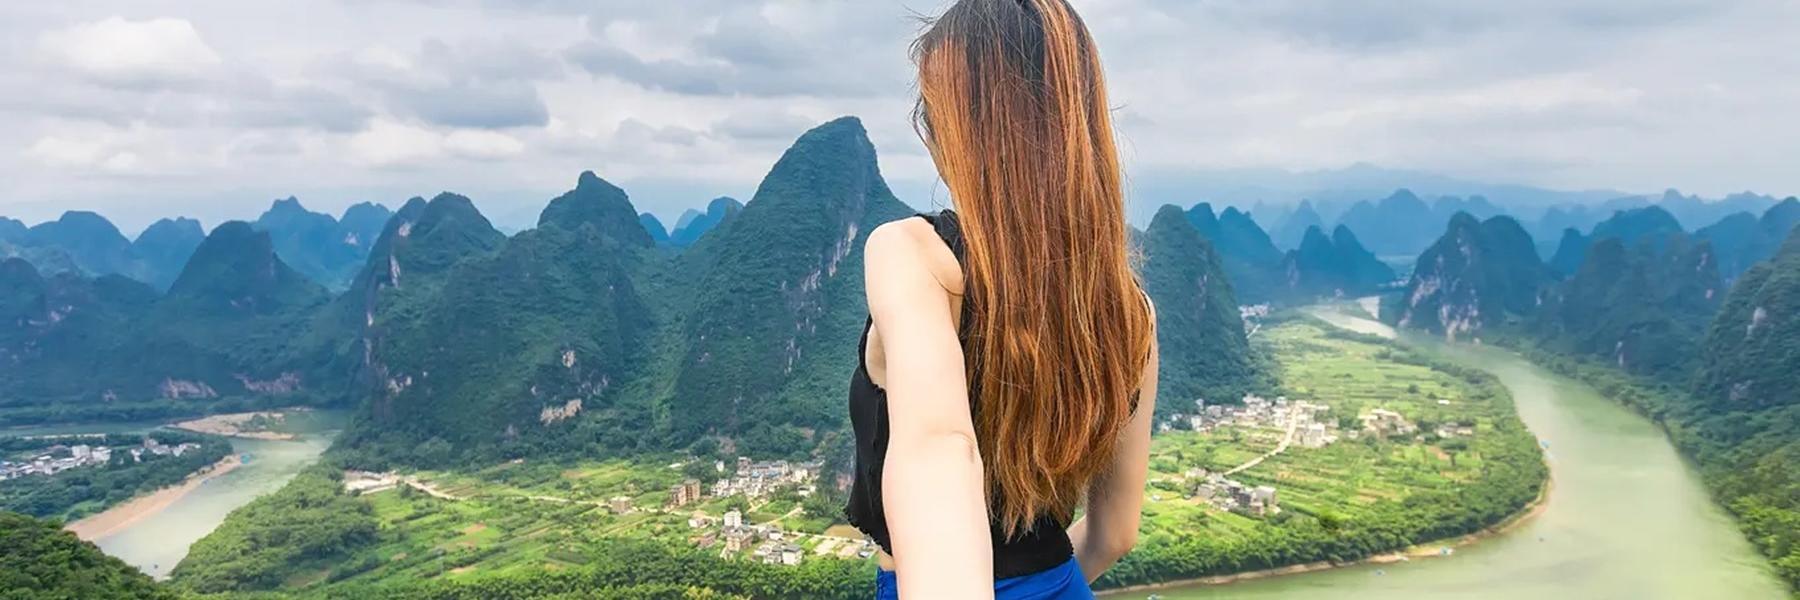 親子游玩轉桂林山水,打卡陽朔最美之地!